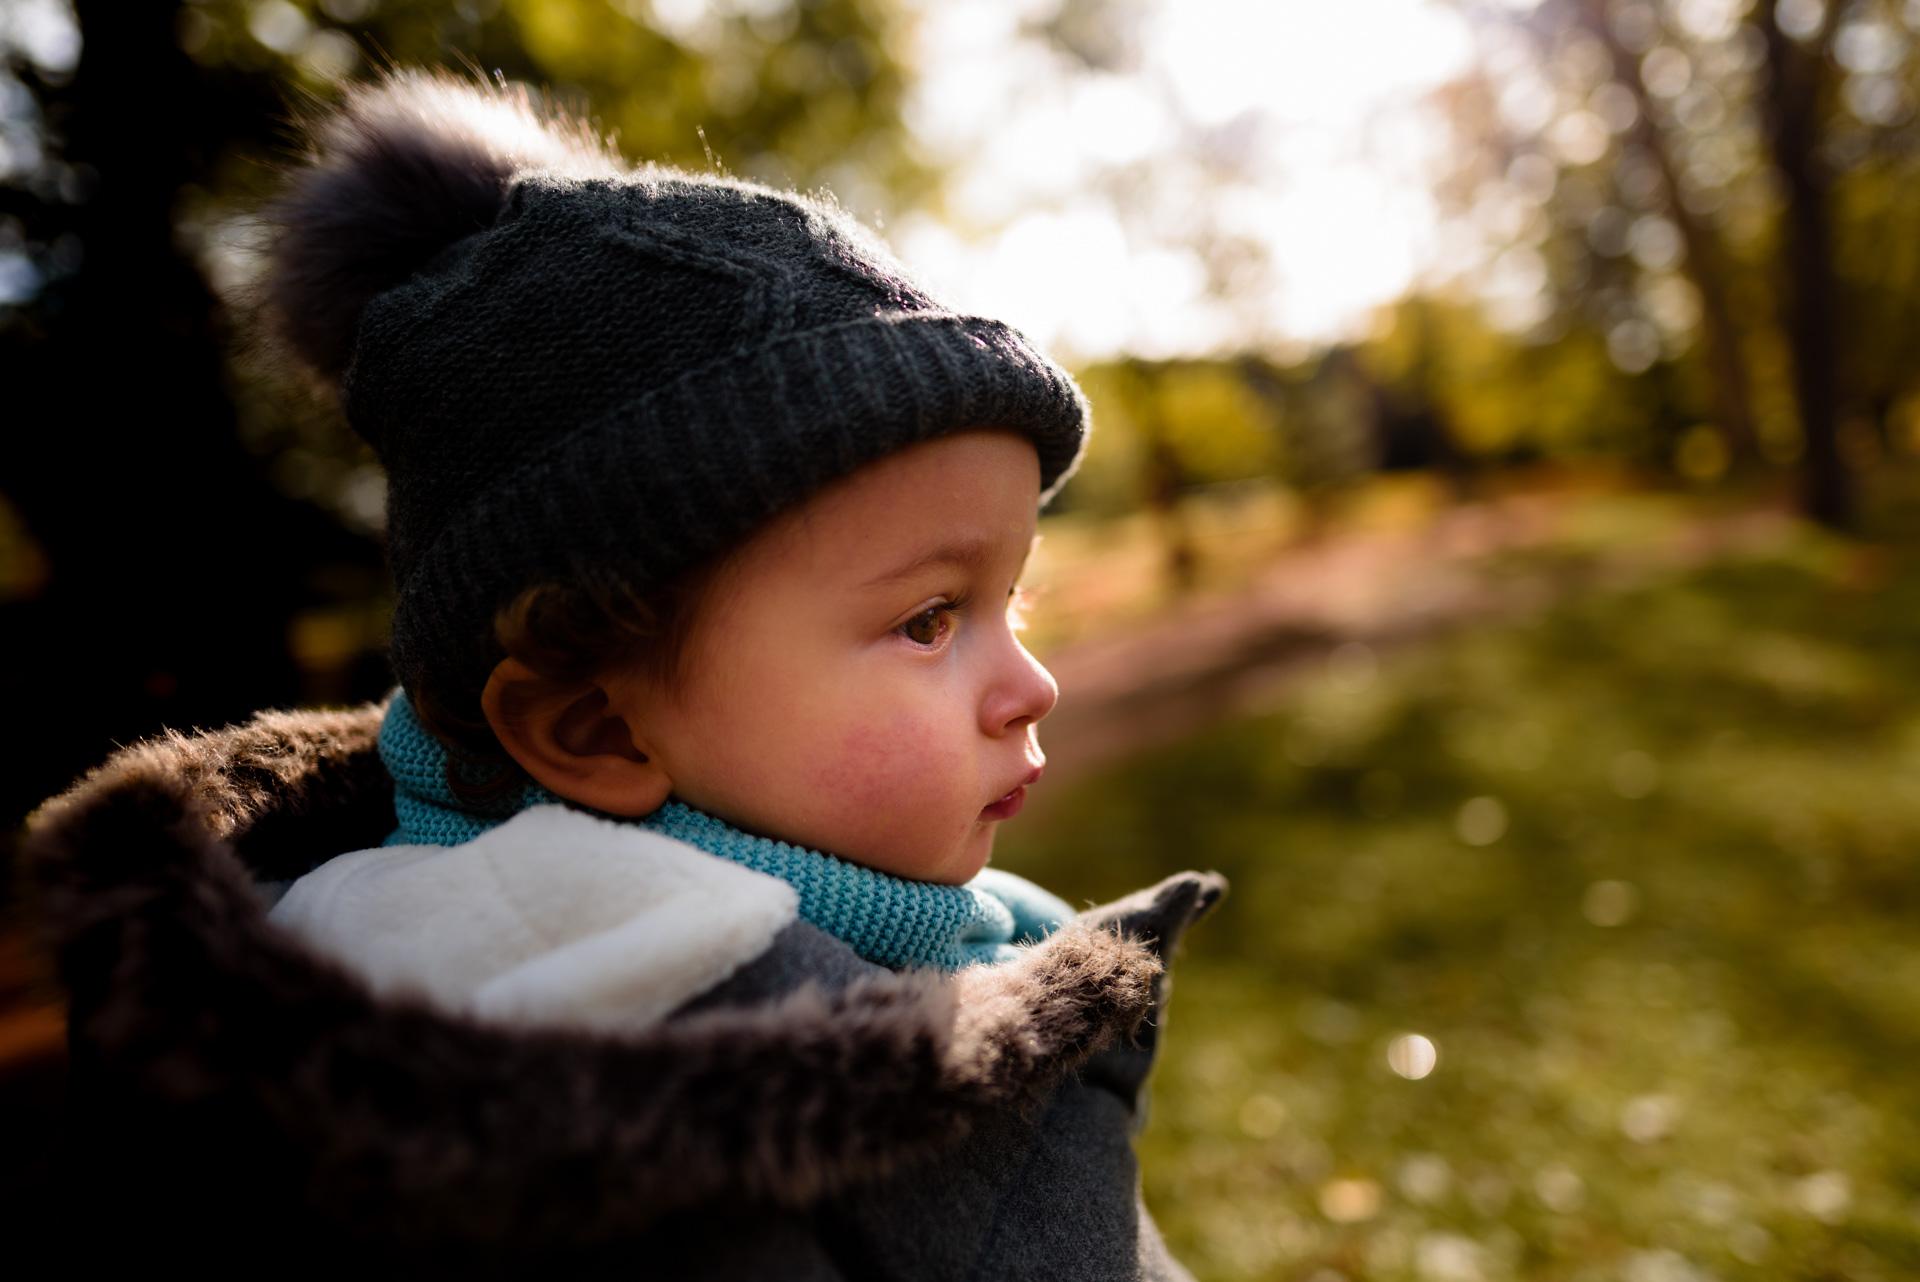 Photographe séance Yvelines automne Vésinet Chatou bébé Instant famille Sandrine siryani